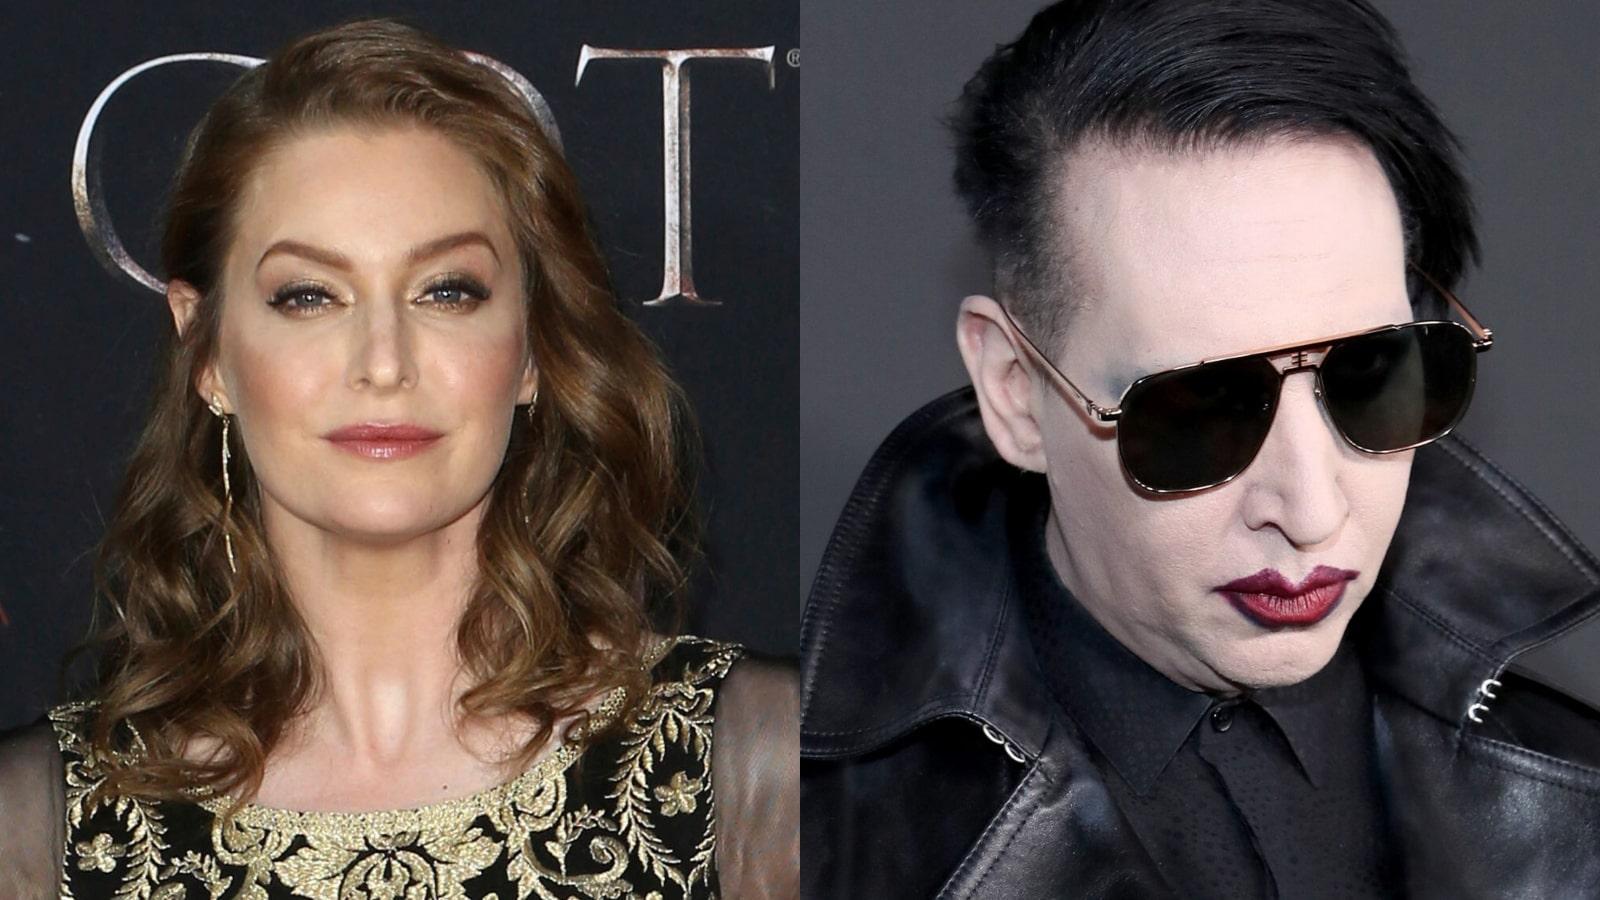 """La actriz Esmé Bianco acusa a Marilyn Manson de abuso sexual: """"Merece pasar el resto de su vida tras las rejas"""""""